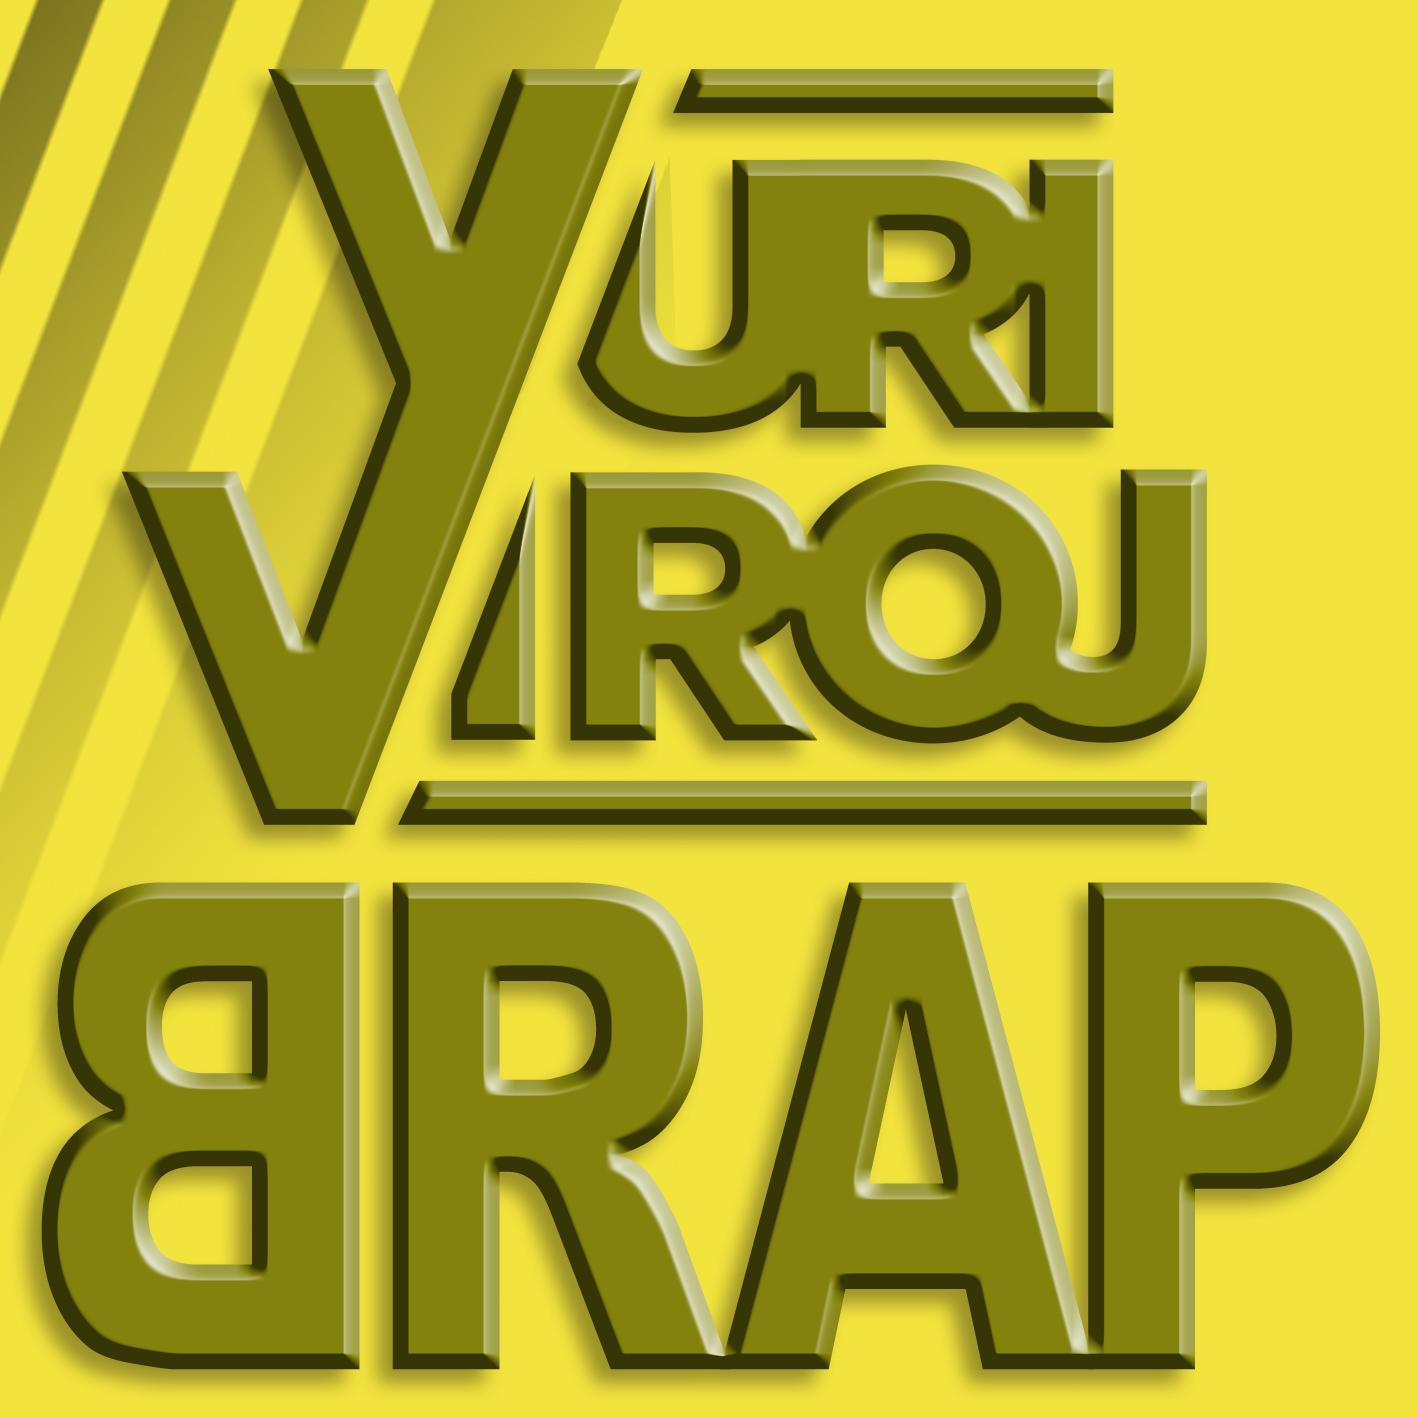 Yuri Viroj